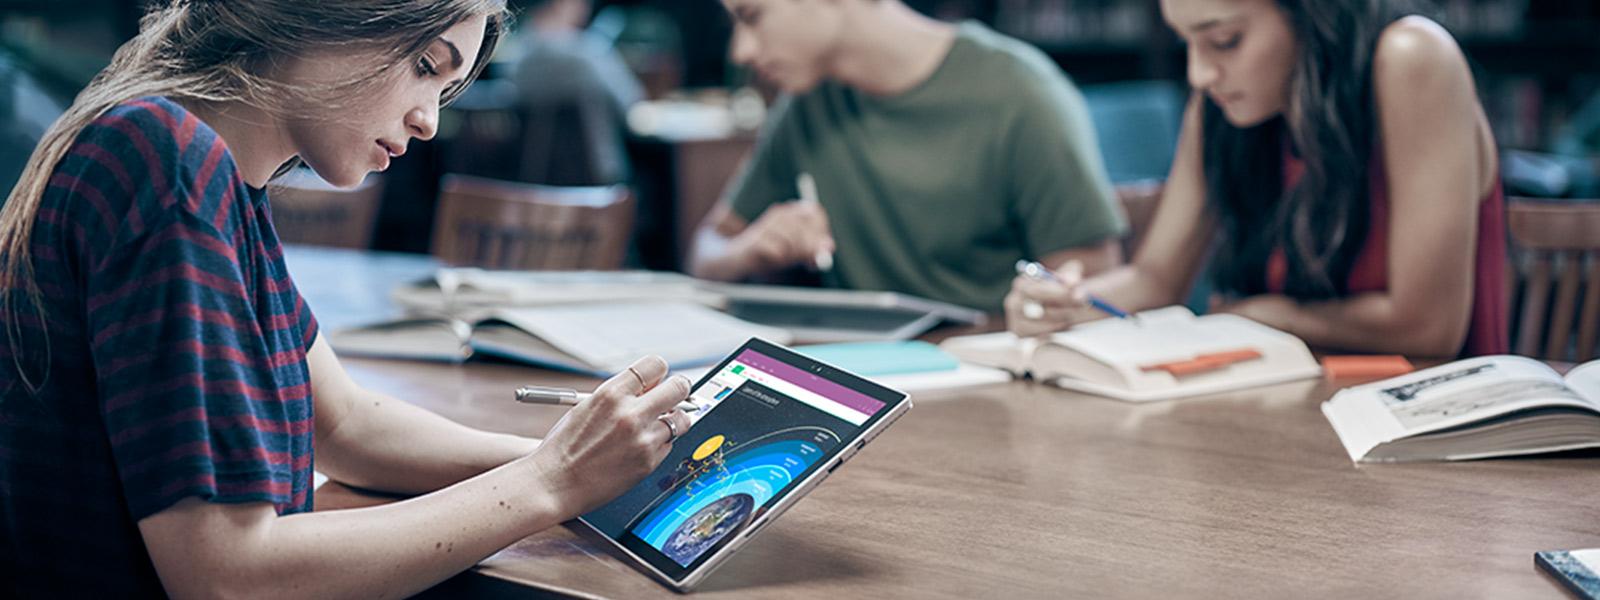 도서관에서 Surface Pro 4로 작업 중인 학생